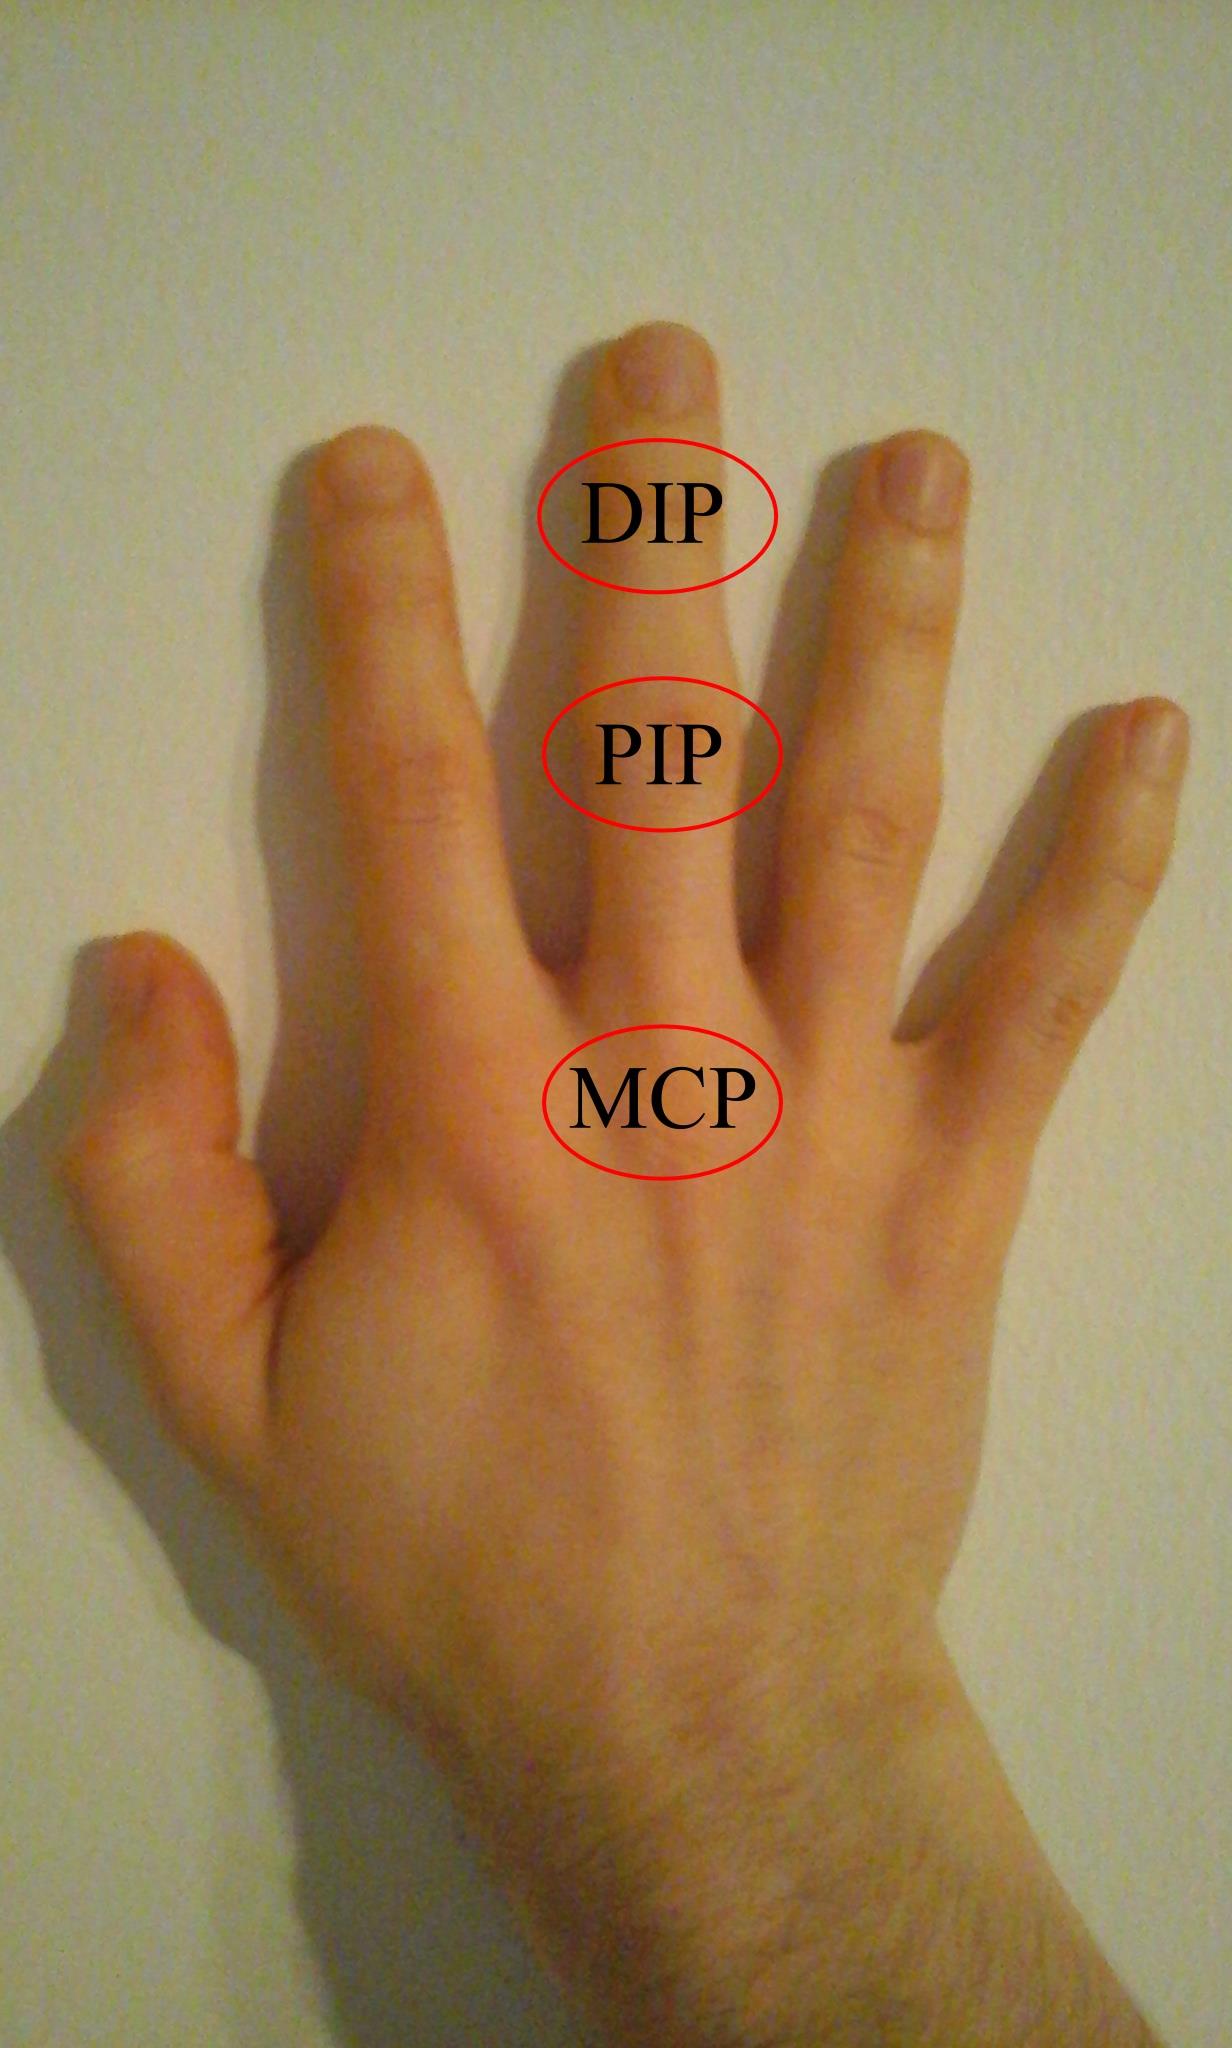 hogyan lehet eltávolítani a gyulladást az ujjak ízületeiben